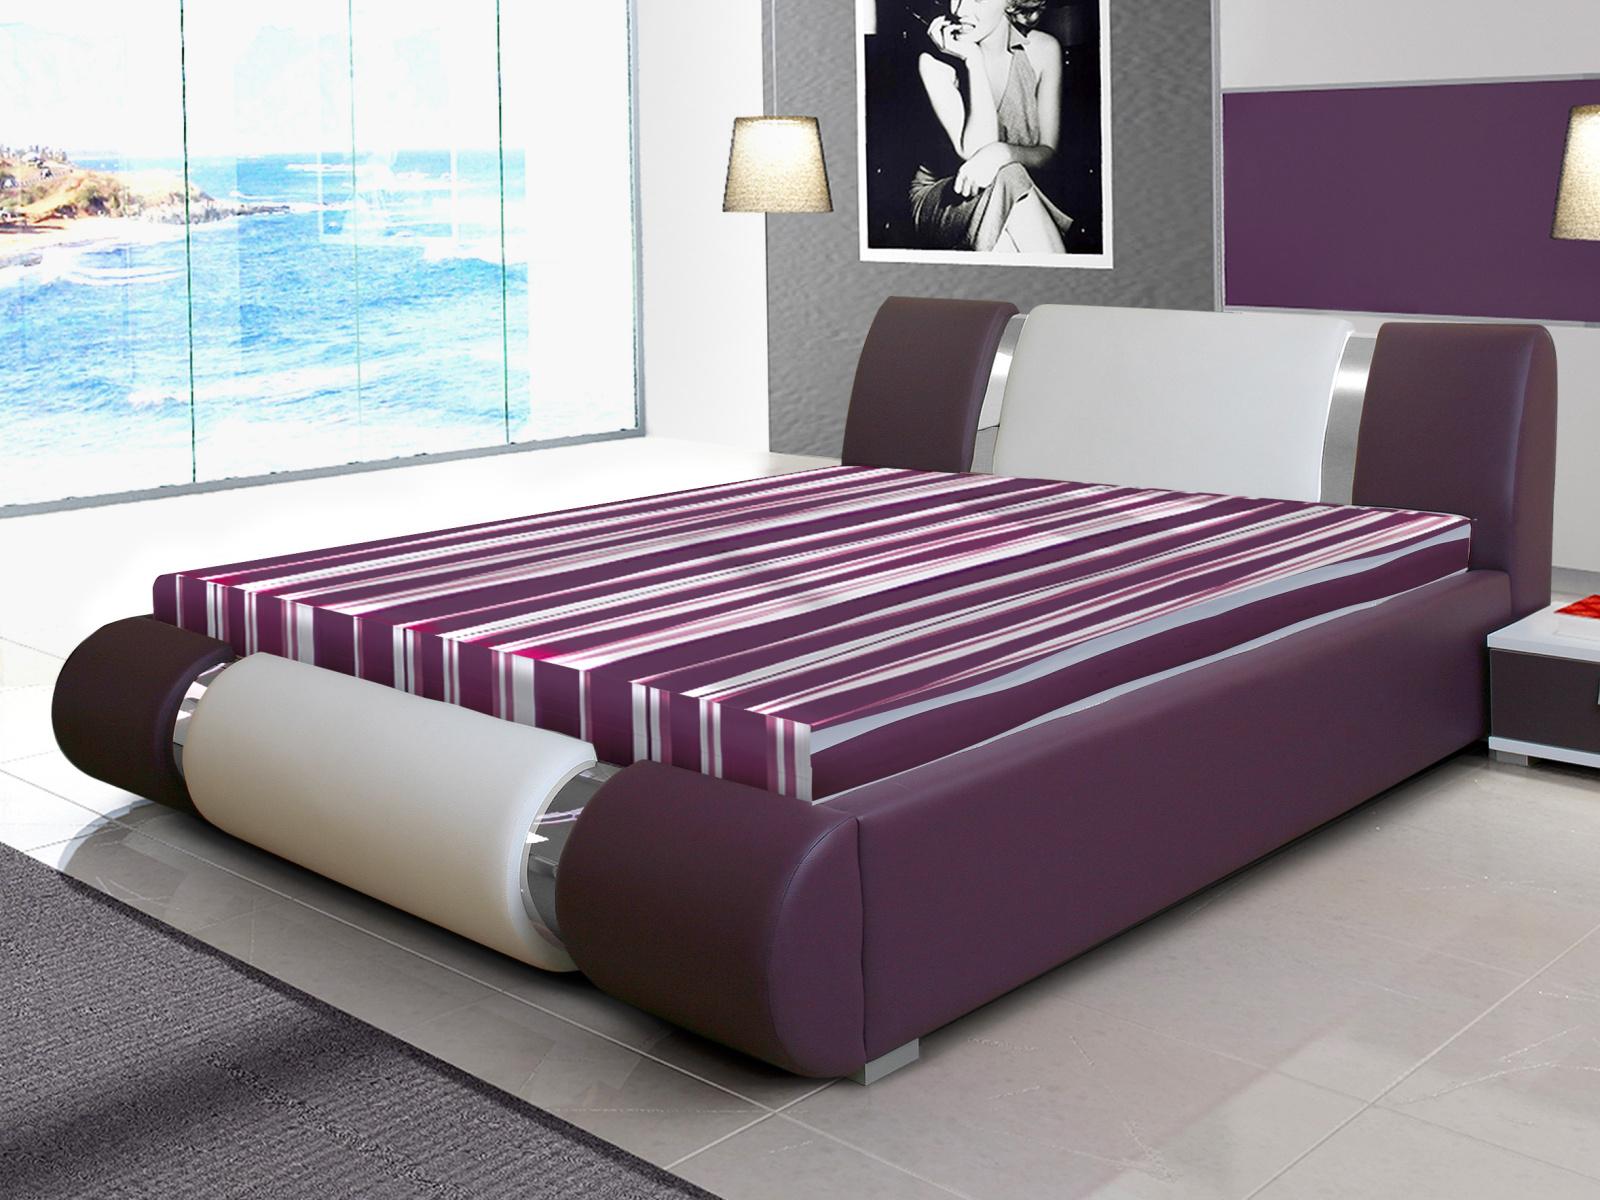 Smartshop Čalouněná postel RIVA II 160x200 cm, bílá ekokůže/fialová ekokůže